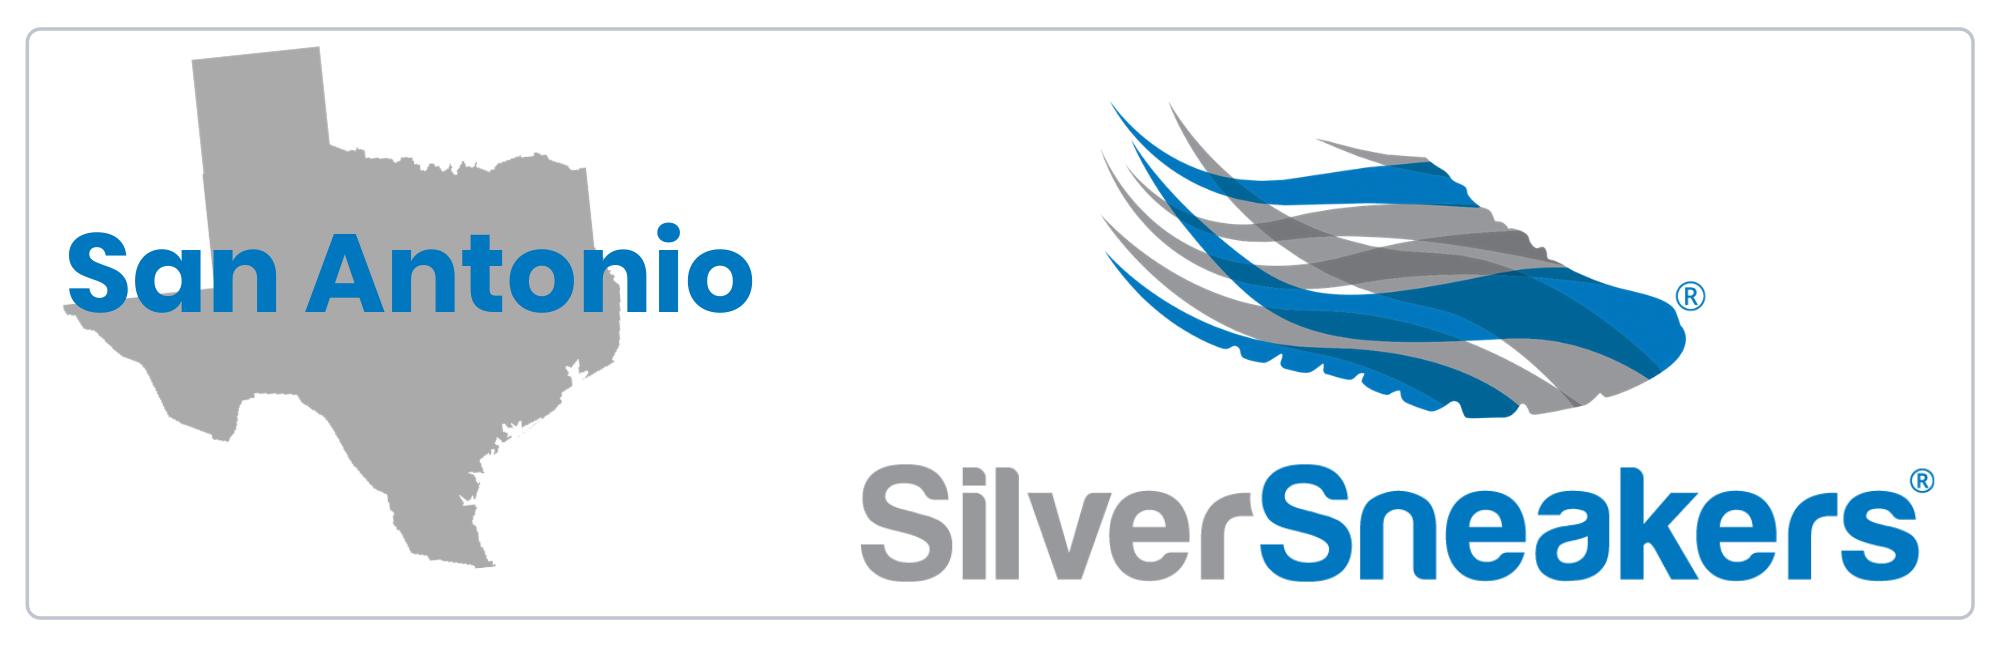 SilverSneakers-Locations-San-Antonio-TX